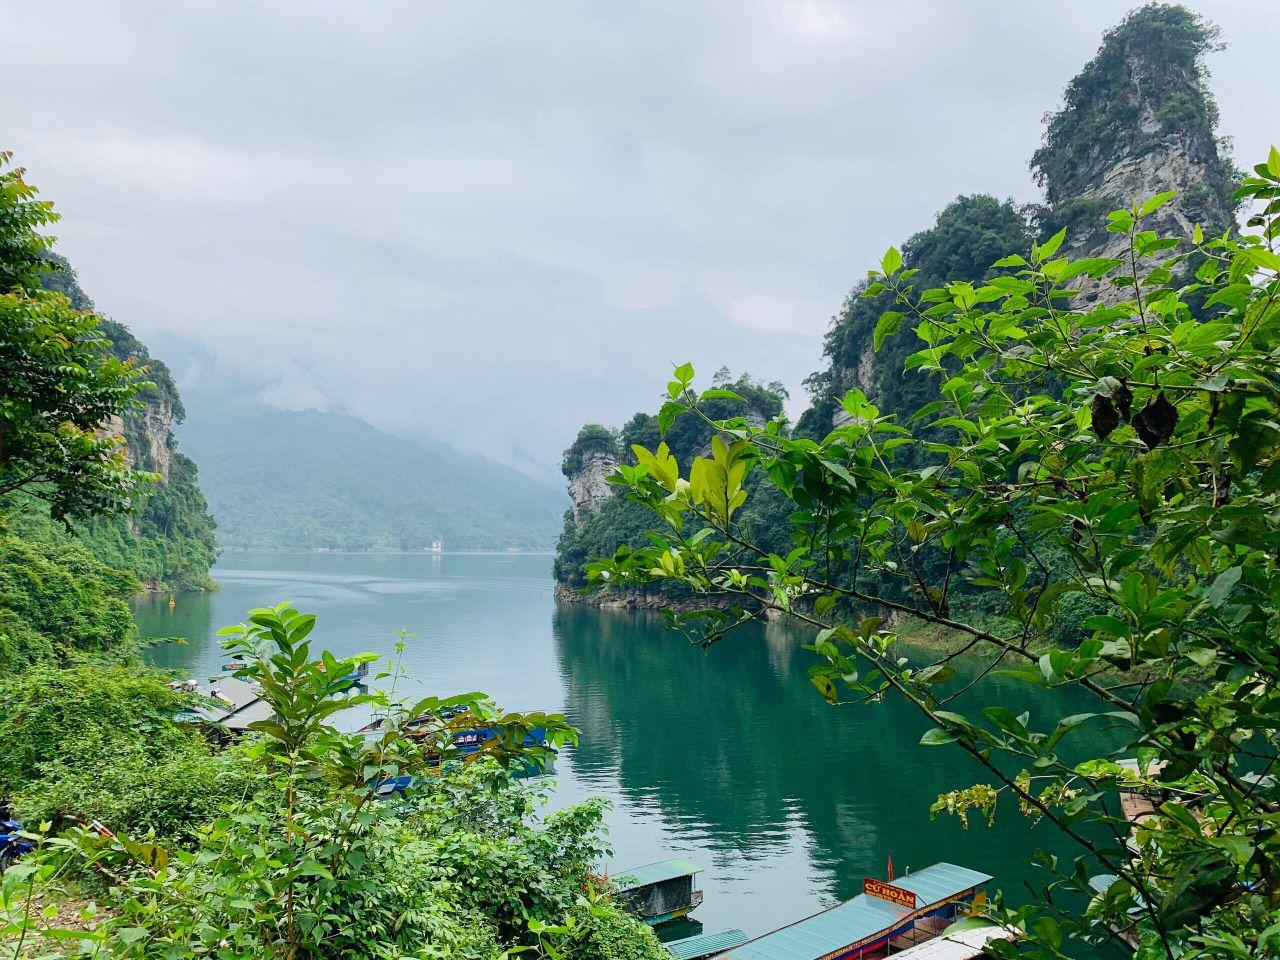 Bạn có biết Hồ Ba Bể là 1 trong 10 hồ đẹp nhất tại Việt Nam